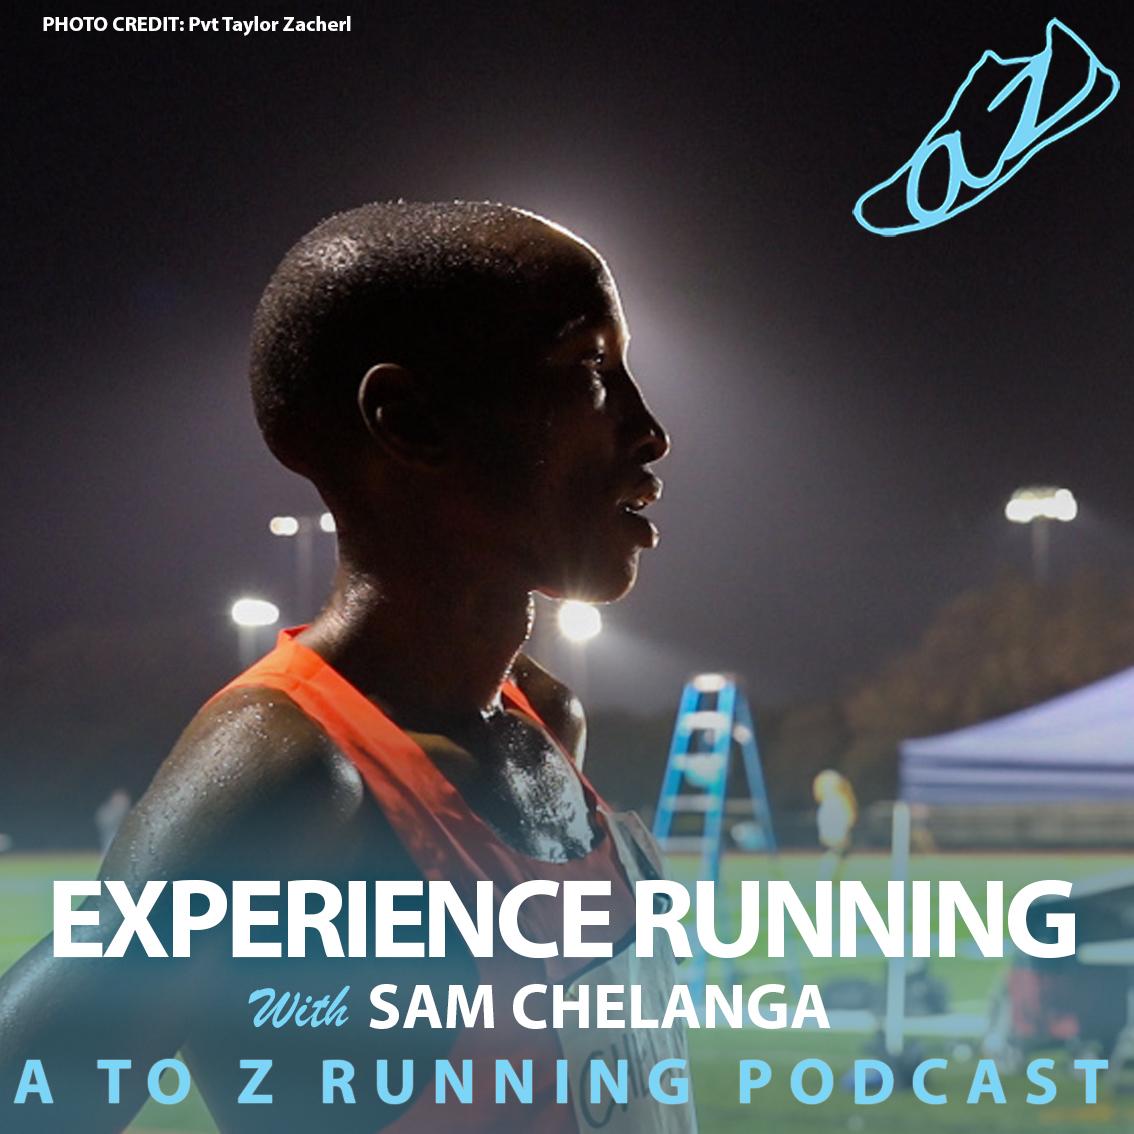 Experience Running with Sam Chelanga